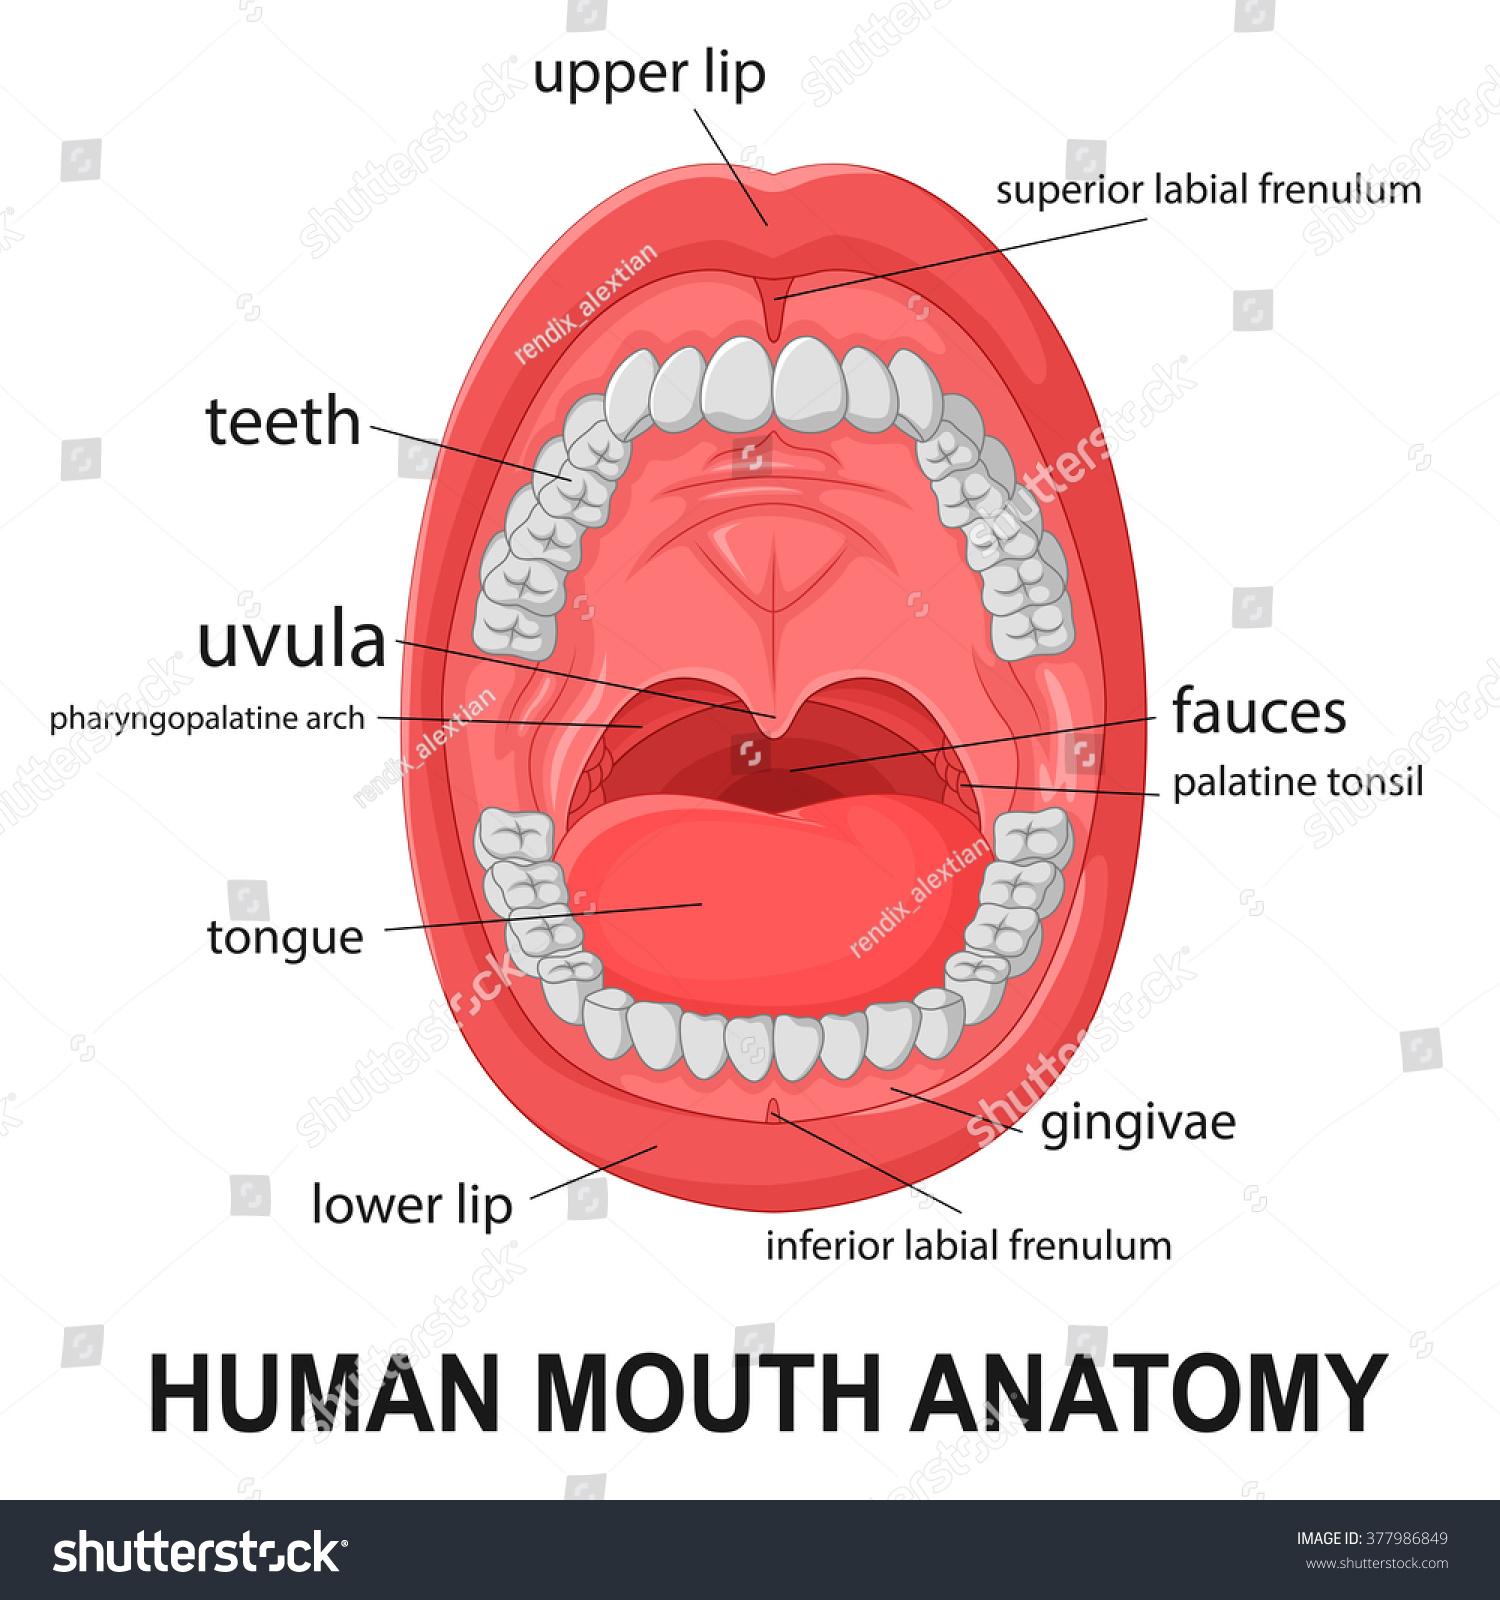 Human mouth anatomy - photo#4